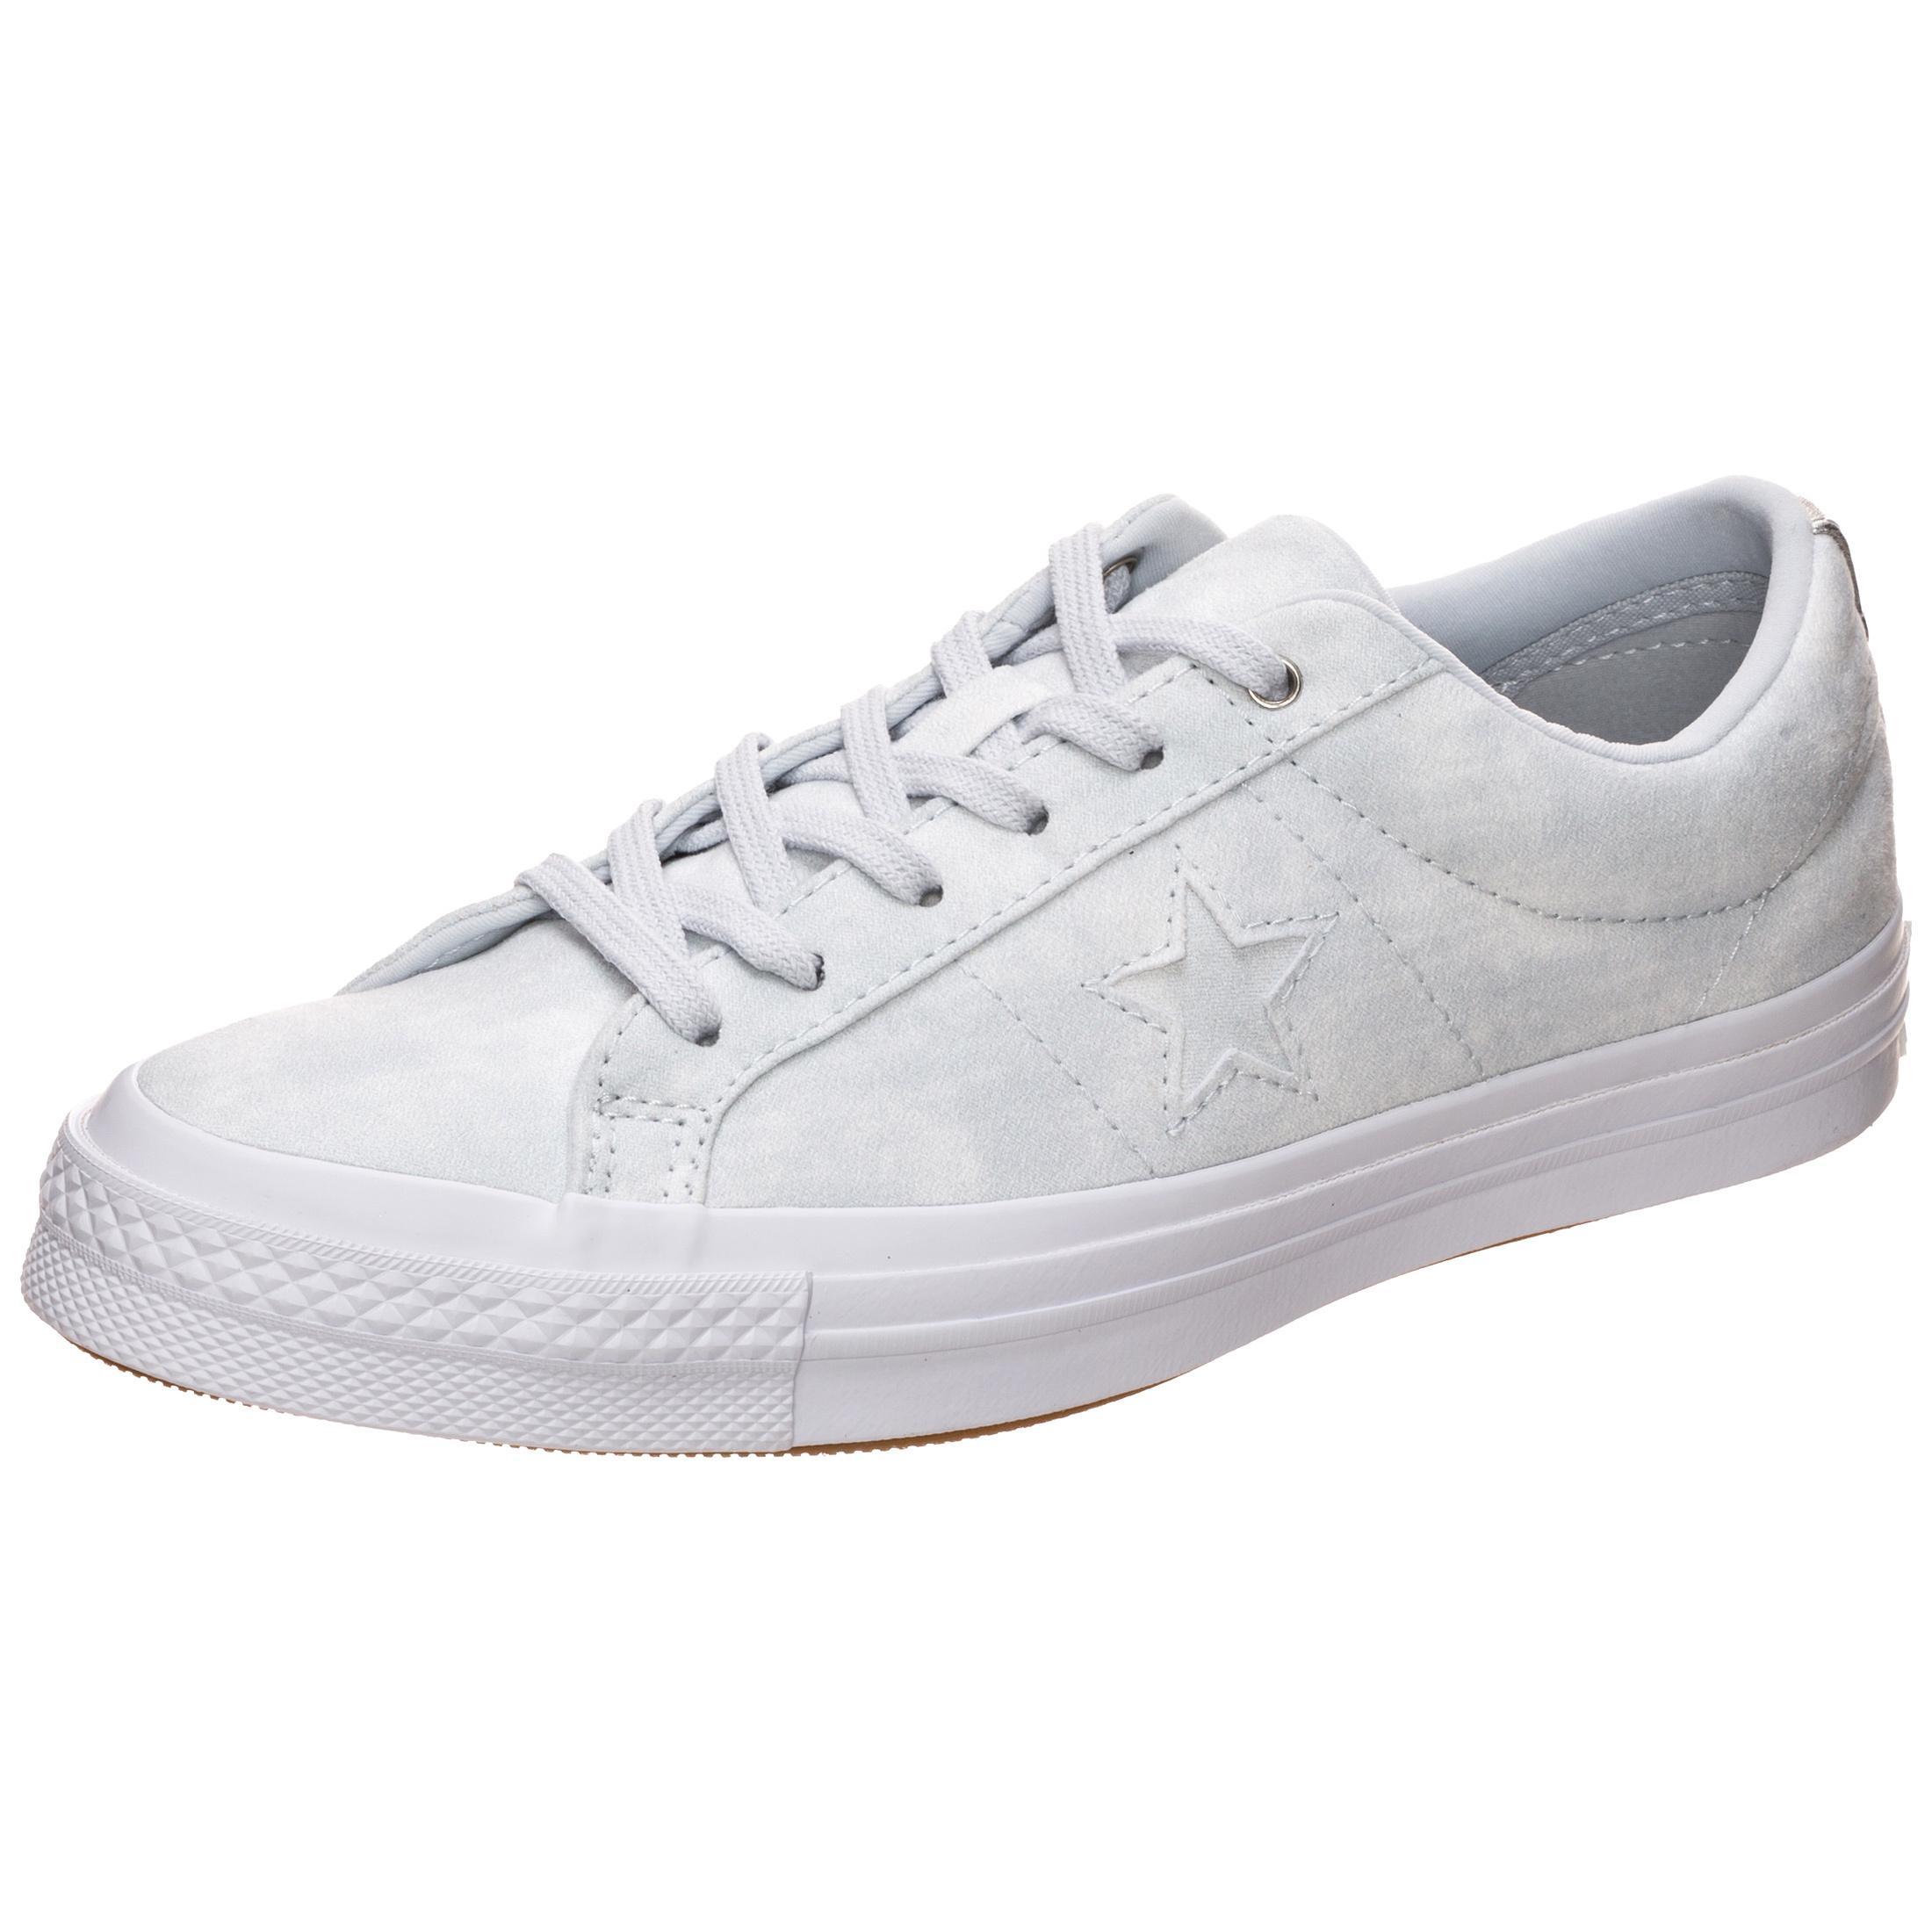 CONVERSE Cons One Star Peached Wash Turnschuhe Damen hellgrau im Online Shop von SportScheck kaufen Gute Qualität beliebte Schuhe